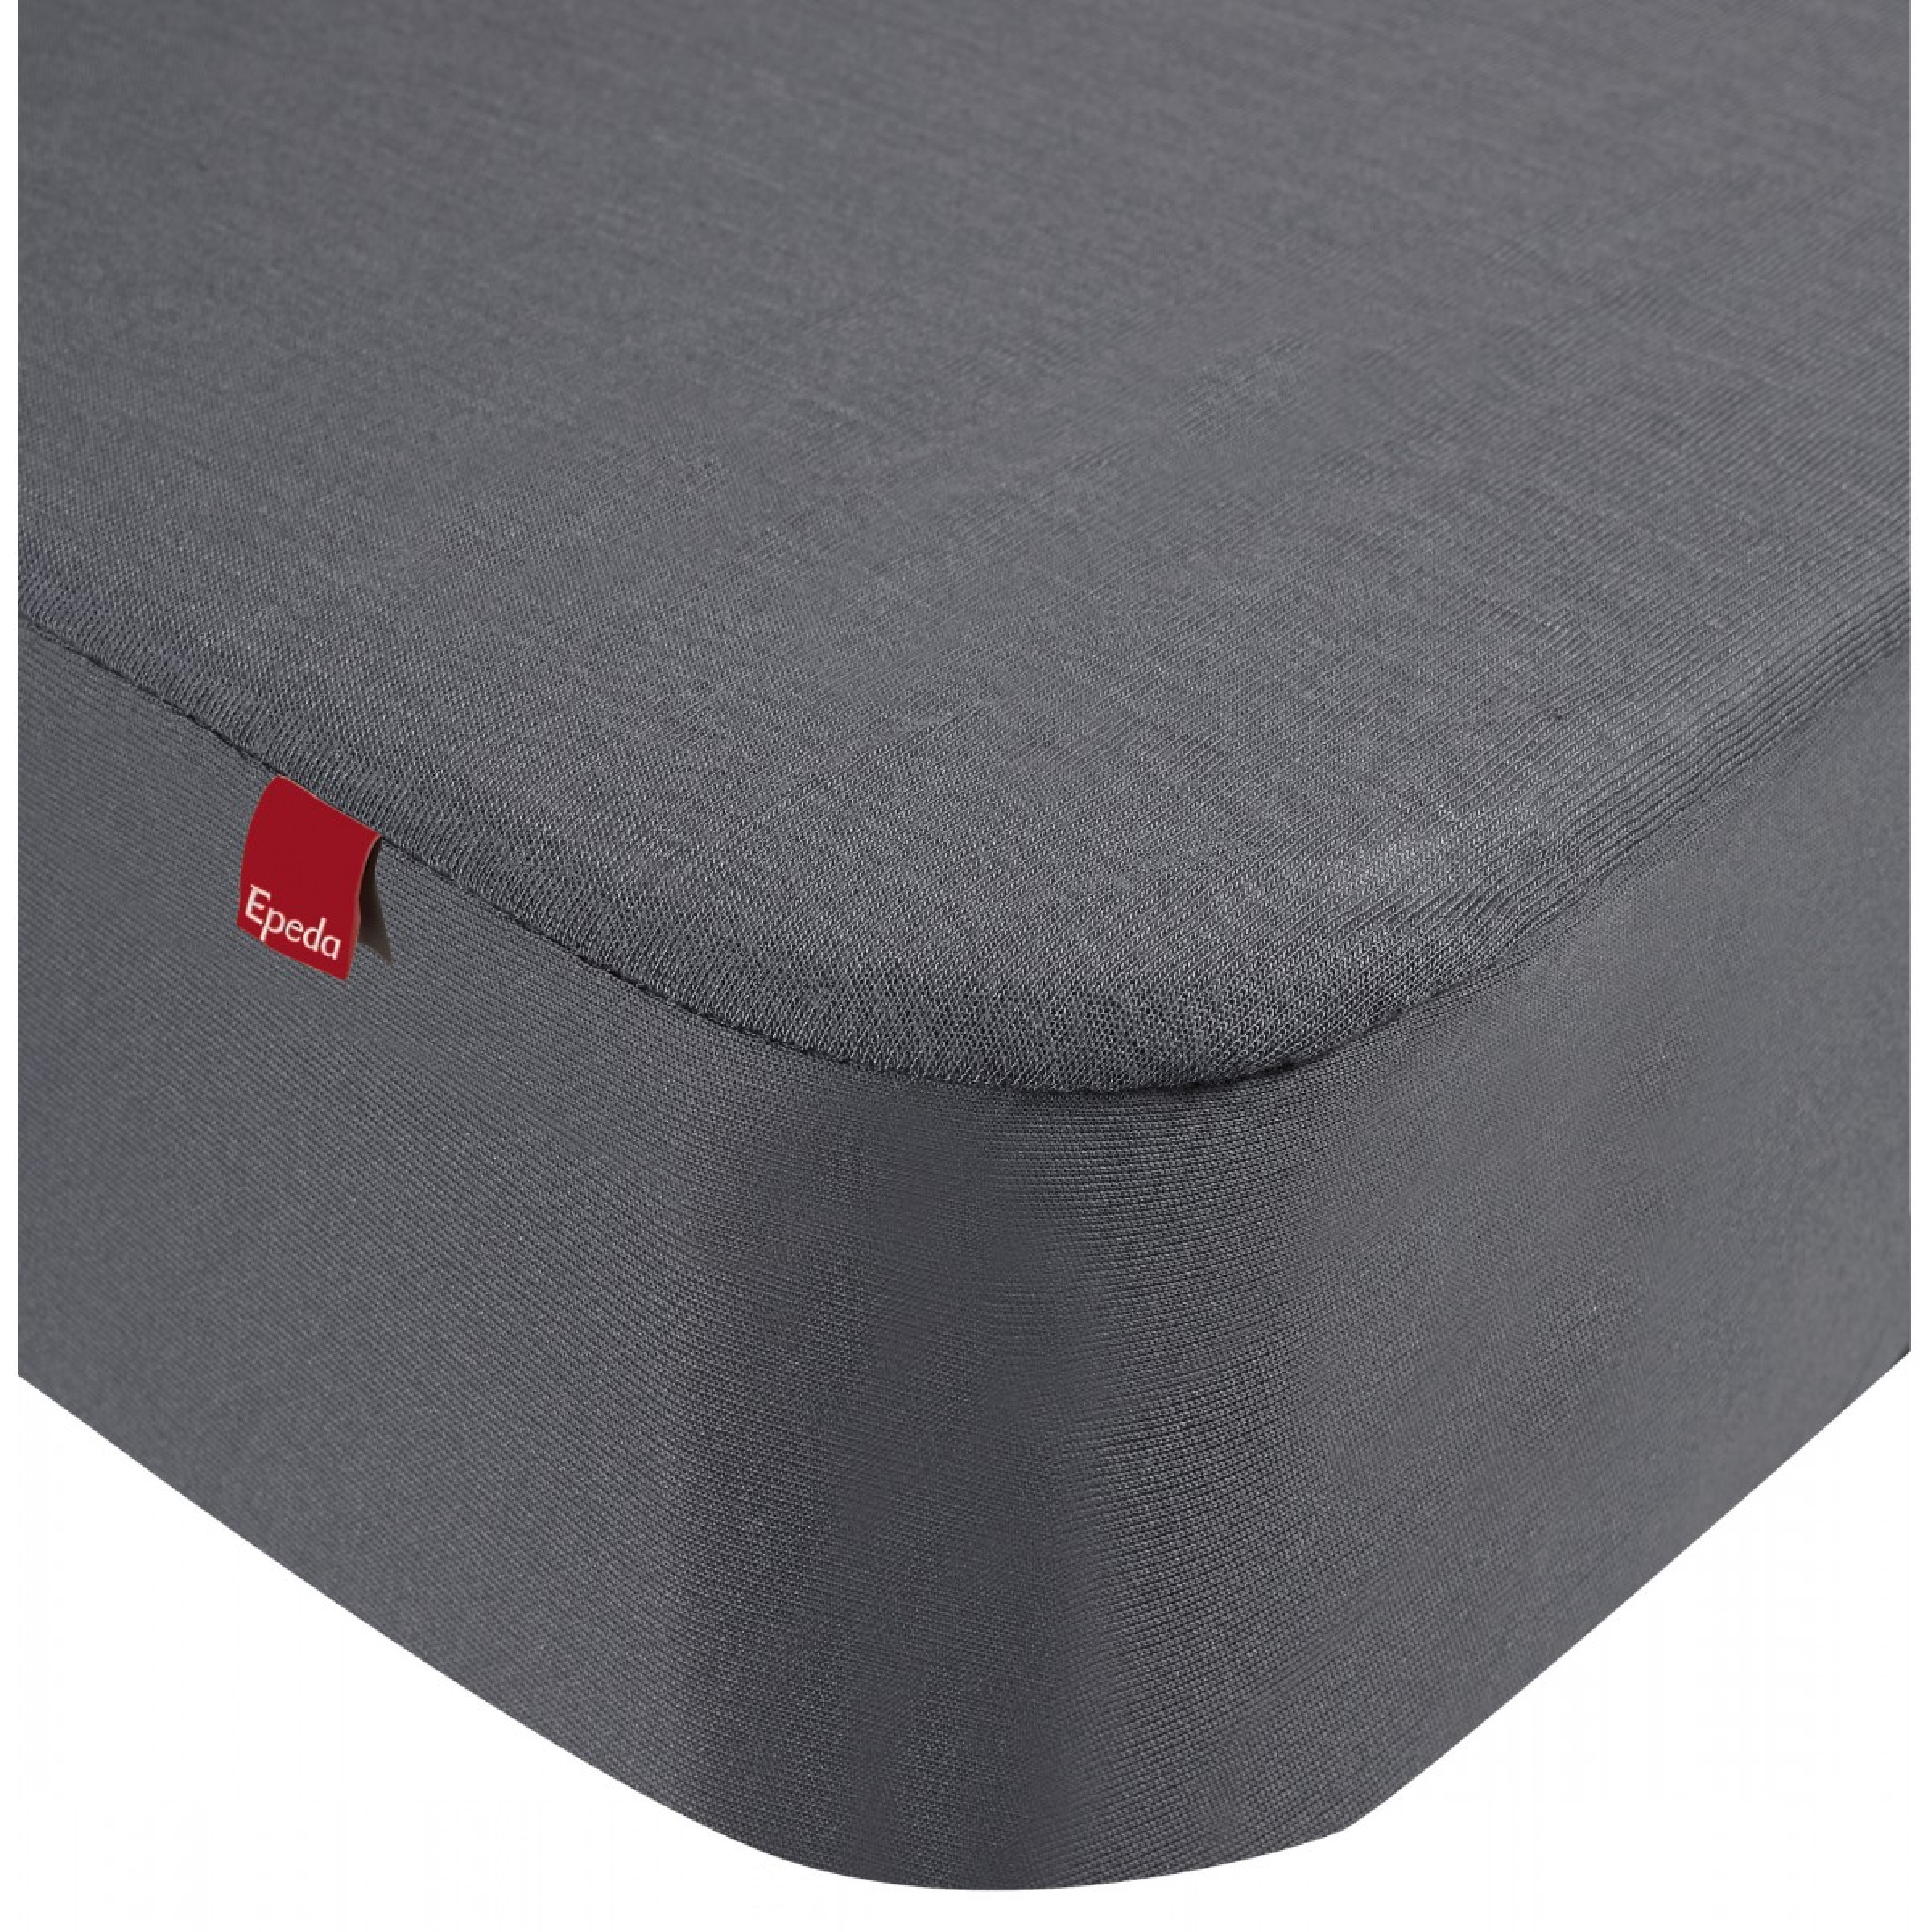 Drap housse protège matelas imperméable 2 en 1 gris 80x190/200